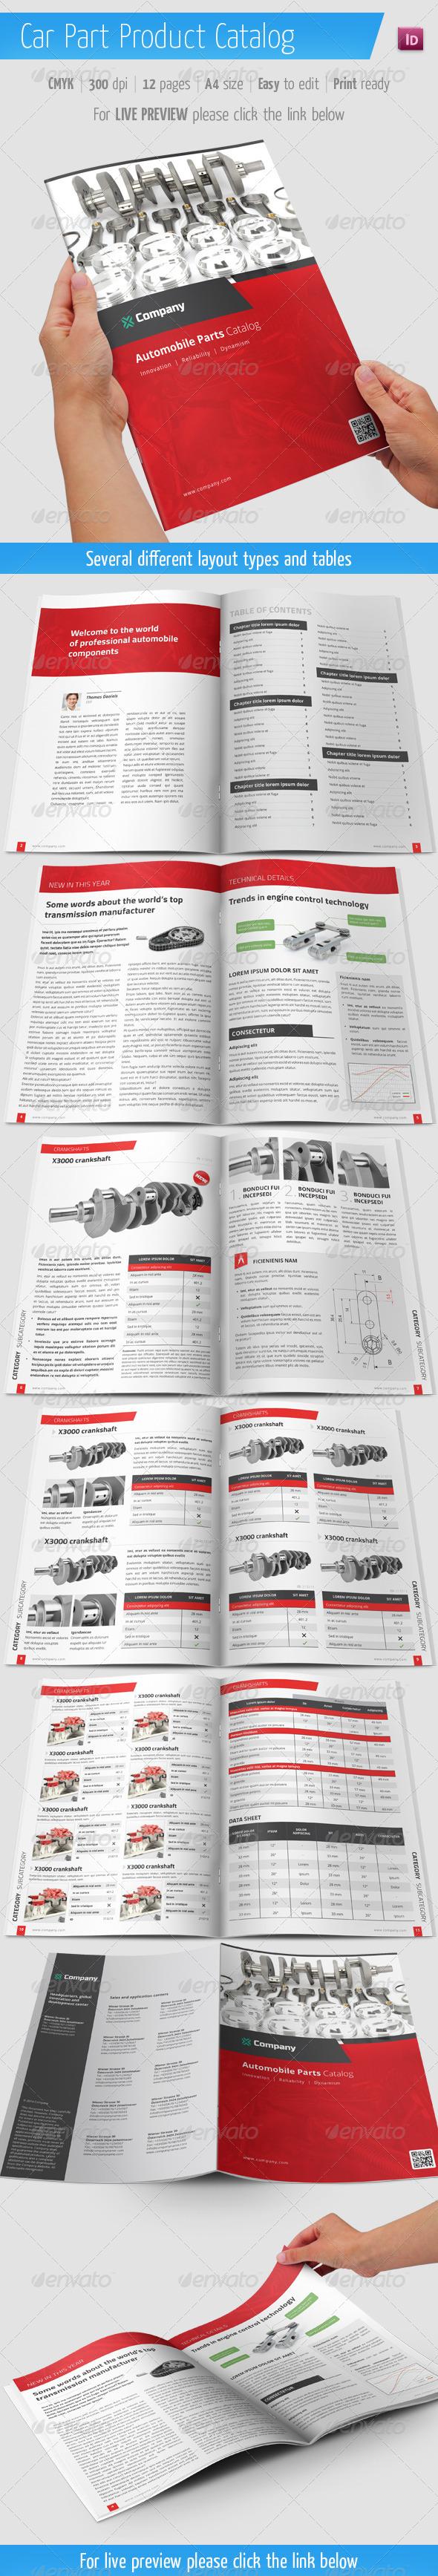 automobile brochure design - print templates car part product catalog automobile